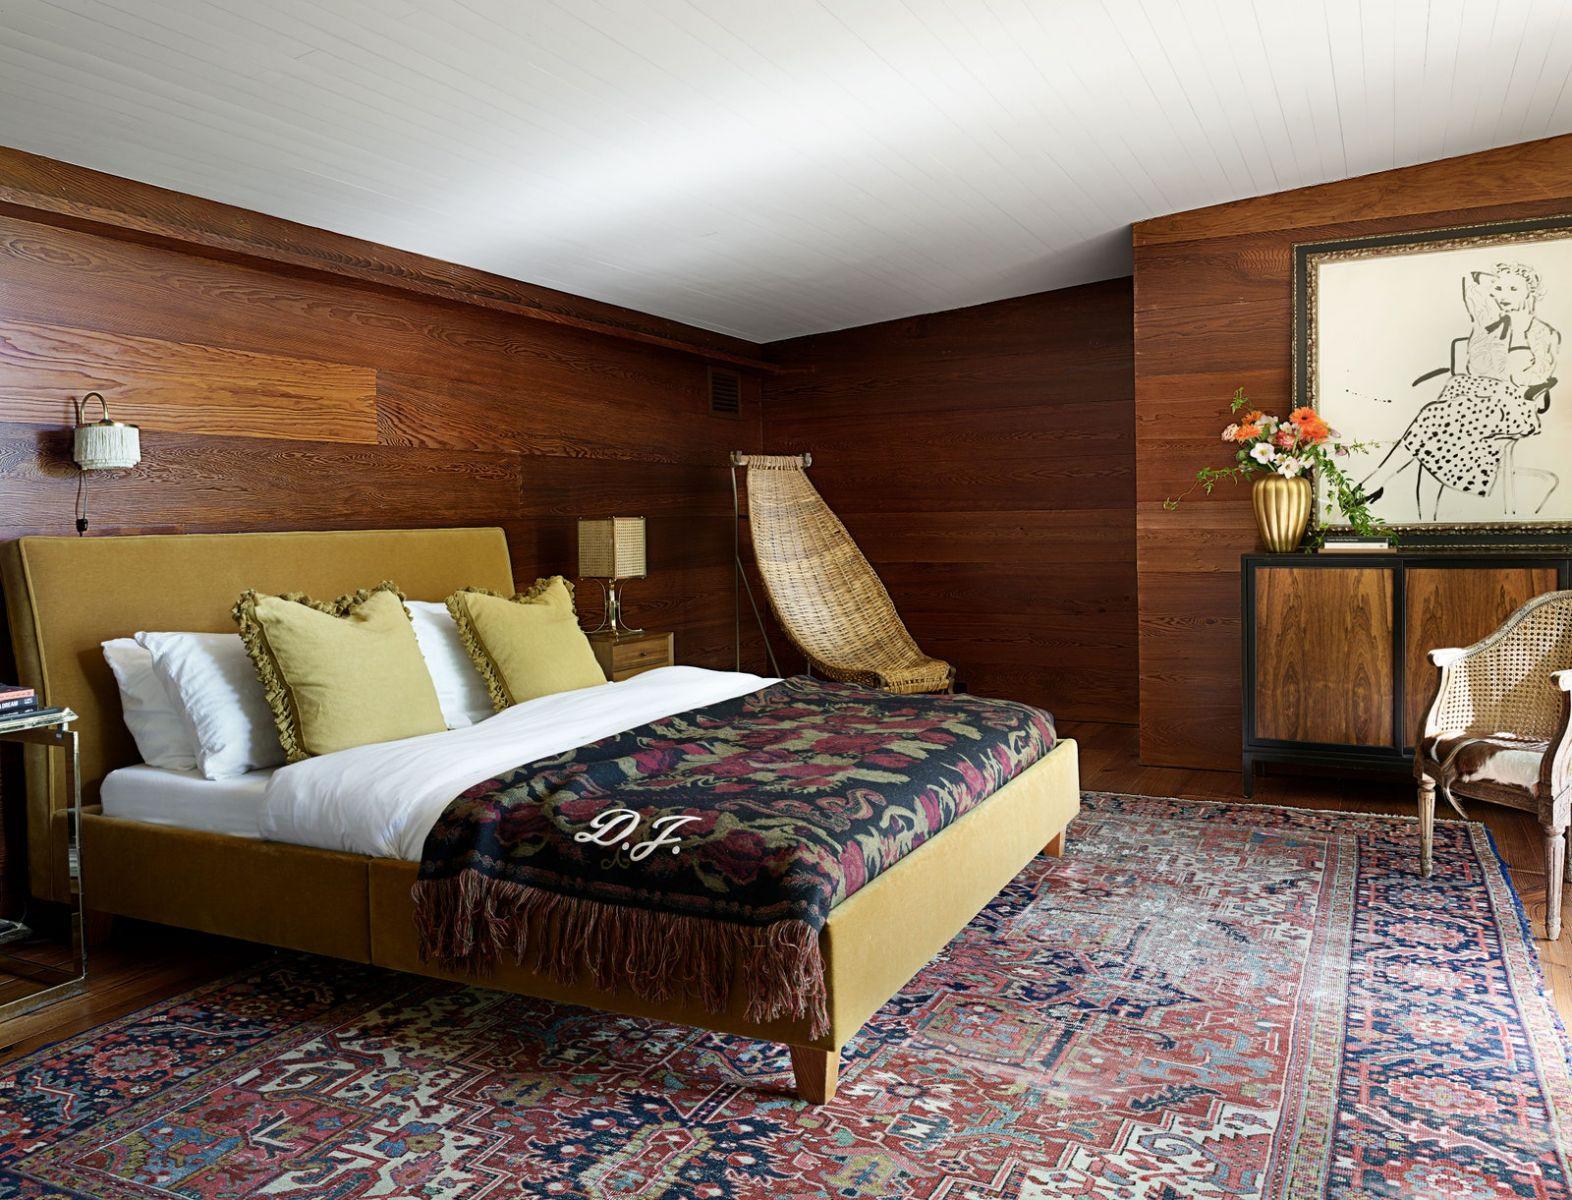 Không gian này mang nhiều điểm nhấn nữ tính, từ chi tiết bèo nhúm trên gối đầu giường, cho đến chiếc chăn họa tiết của Gucci. Cô đặt thêm chiếc ghế thư giãn Rattan để hoàn thiện thiết kế nội thất phòng ngủ chính